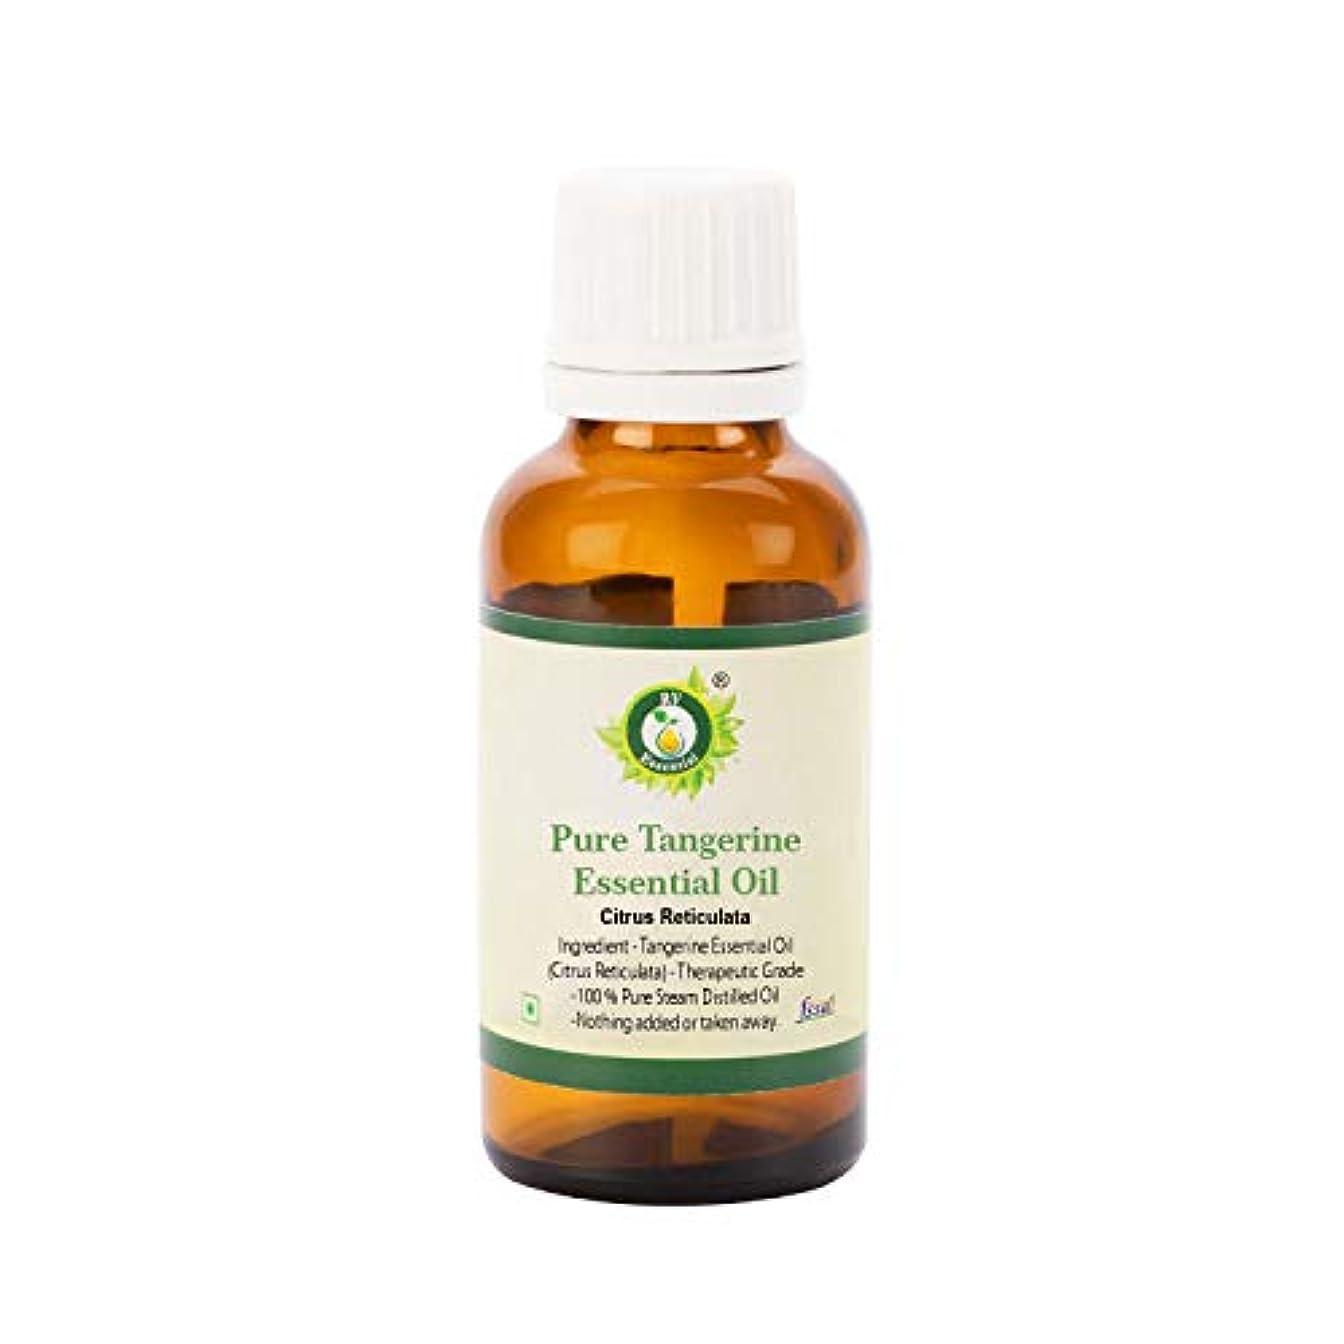 夏まもなく専門用語R V Essential ピュアタンジェリンエッセンシャルオイル50ml (1.69oz)- Citrus Reticulata (100%純粋&天然スチームDistilled) Pure Tangerine Essential...